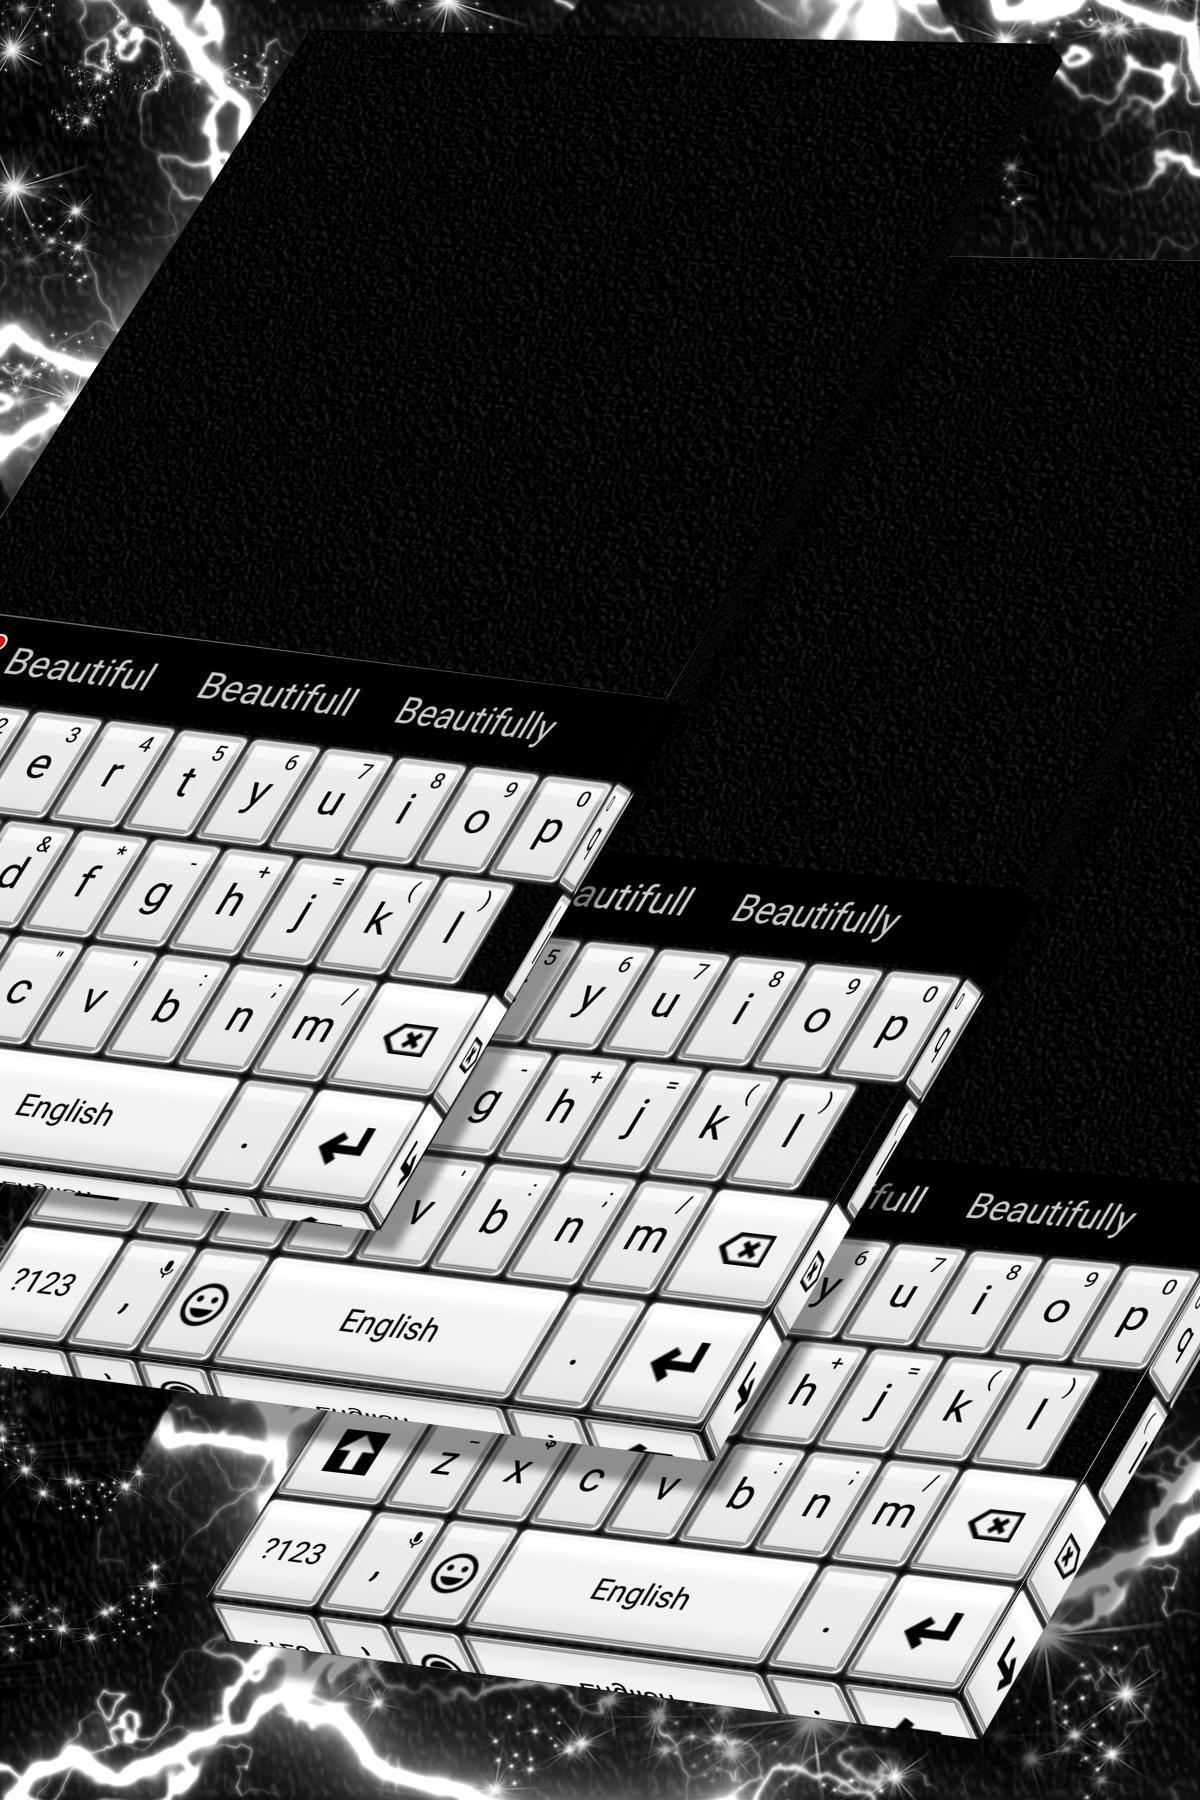 Keyboard Tema Hitam Putih for Android   APK Download